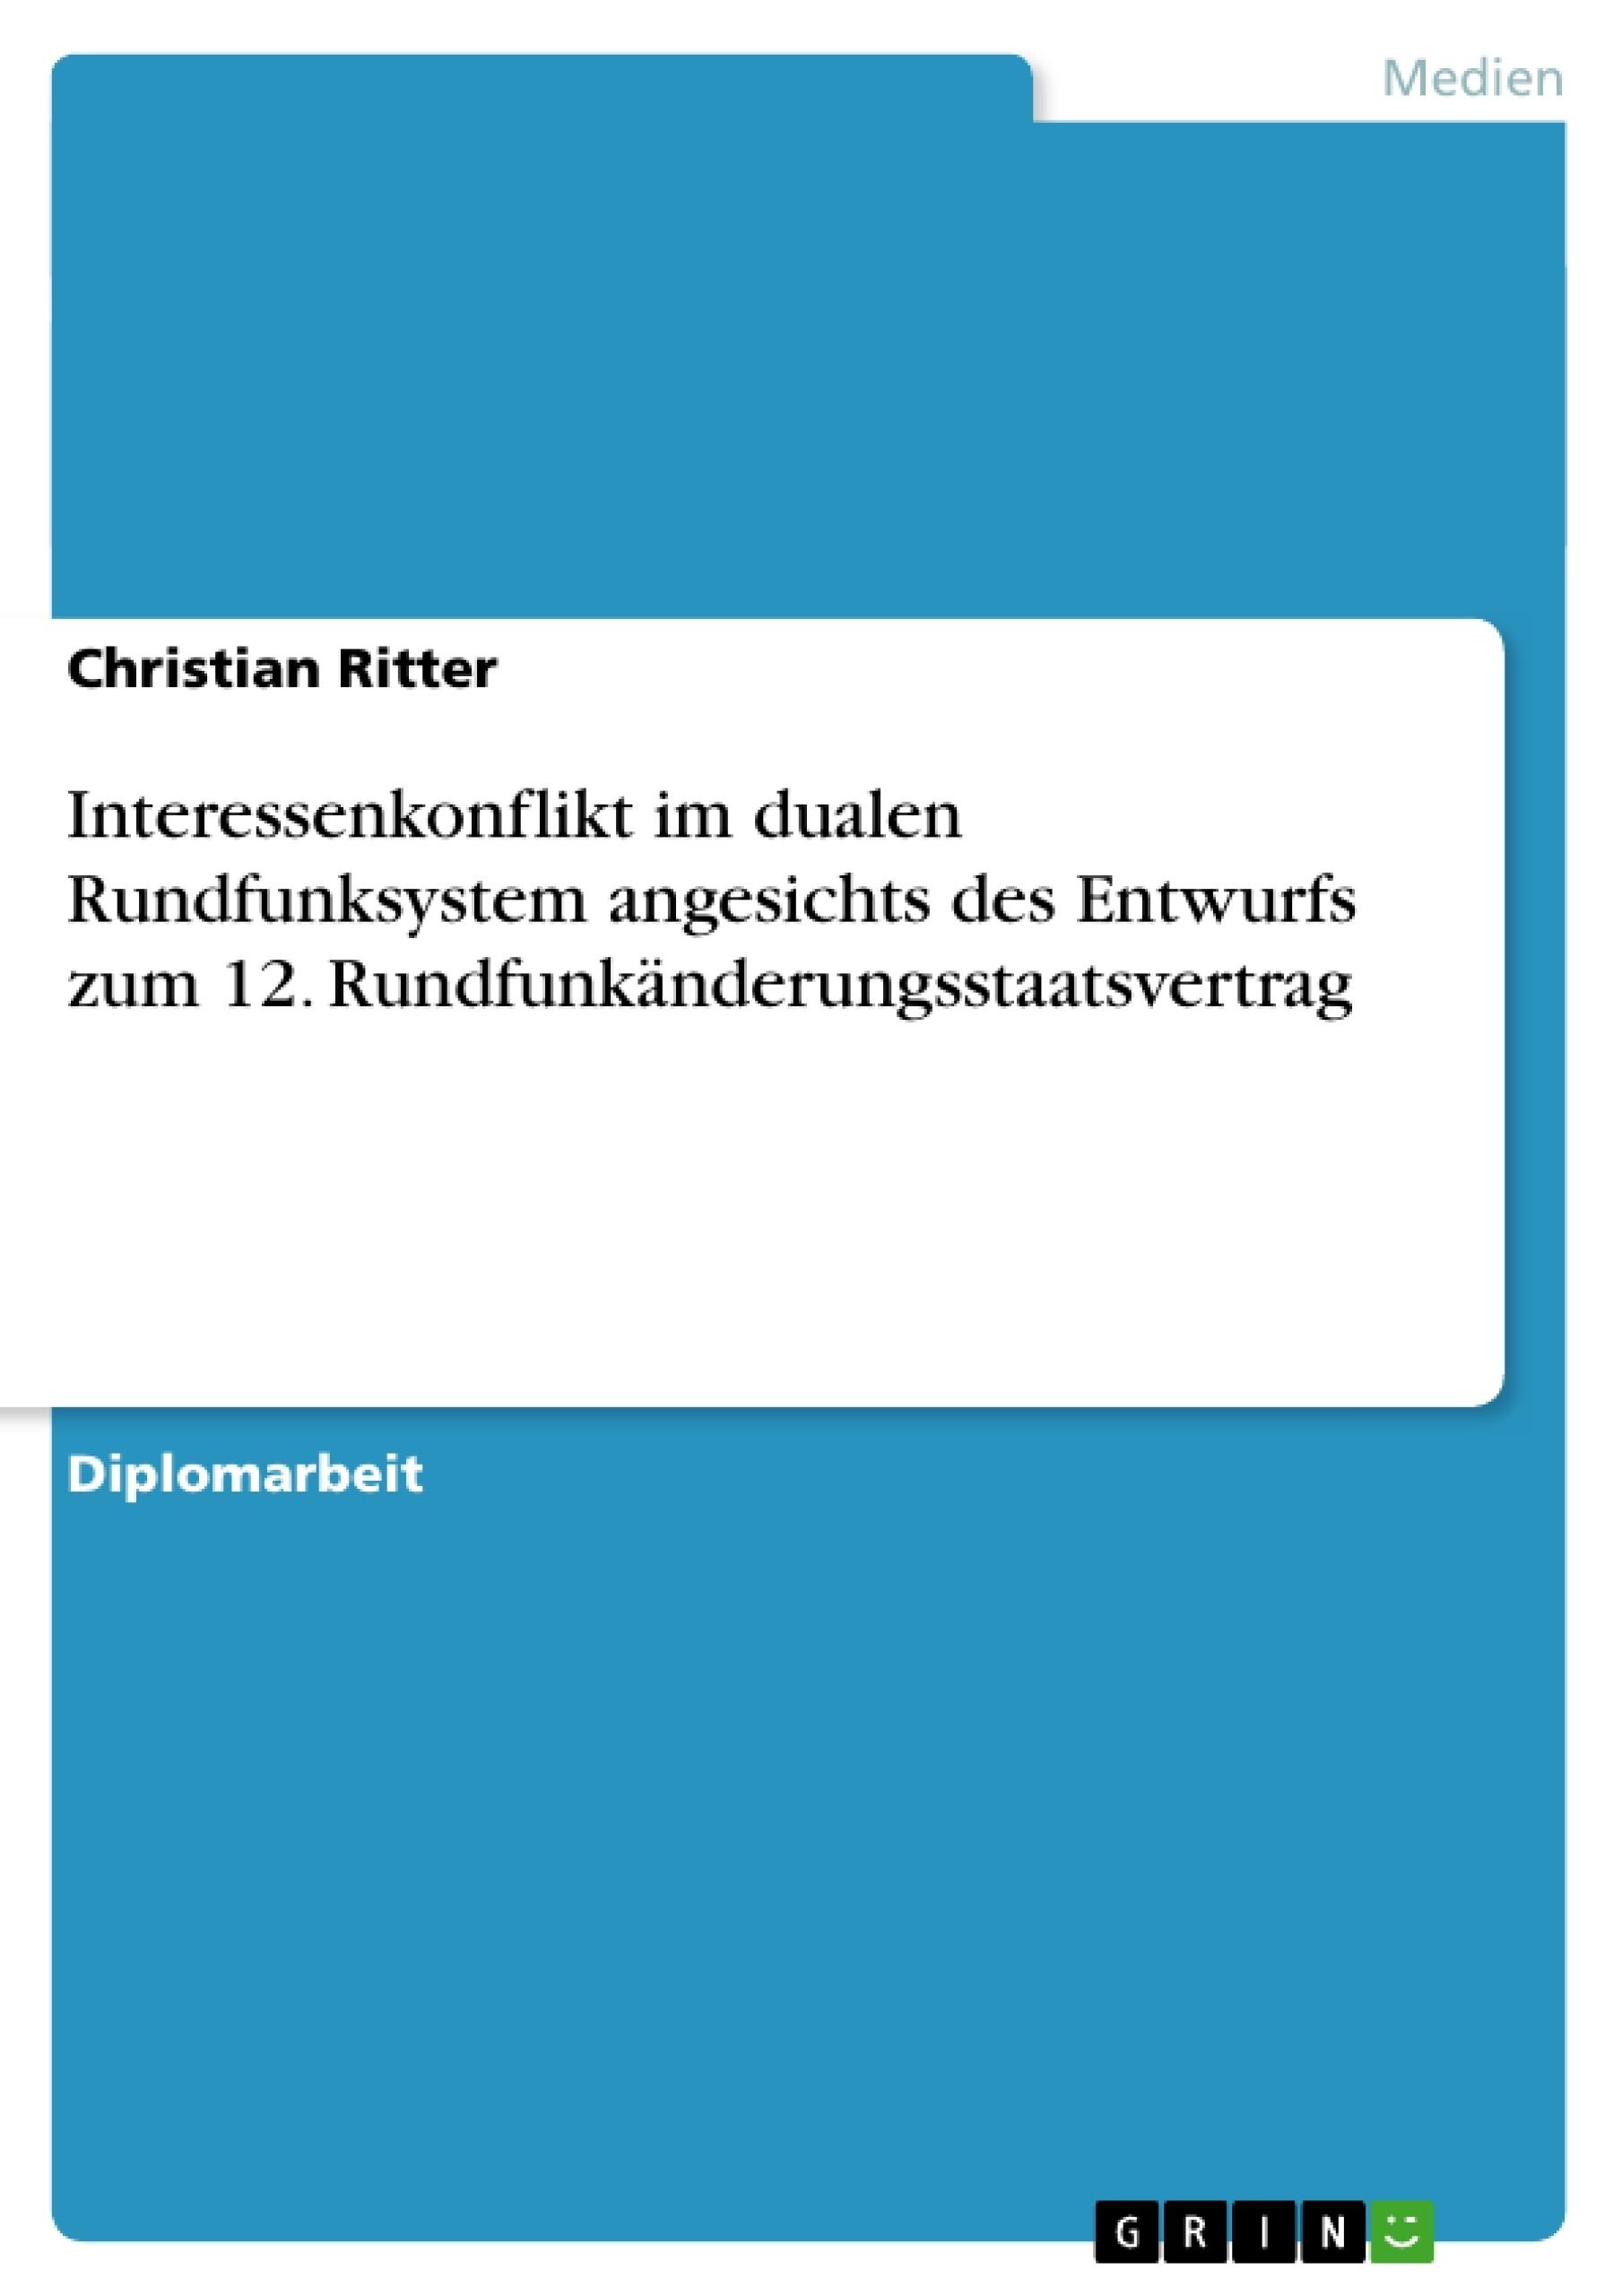 Titel: Interessenkonflikt im dualen Rundfunksystem  angesichts des Entwurfs zum  12. Rundfunkänderungsstaatsvertrag